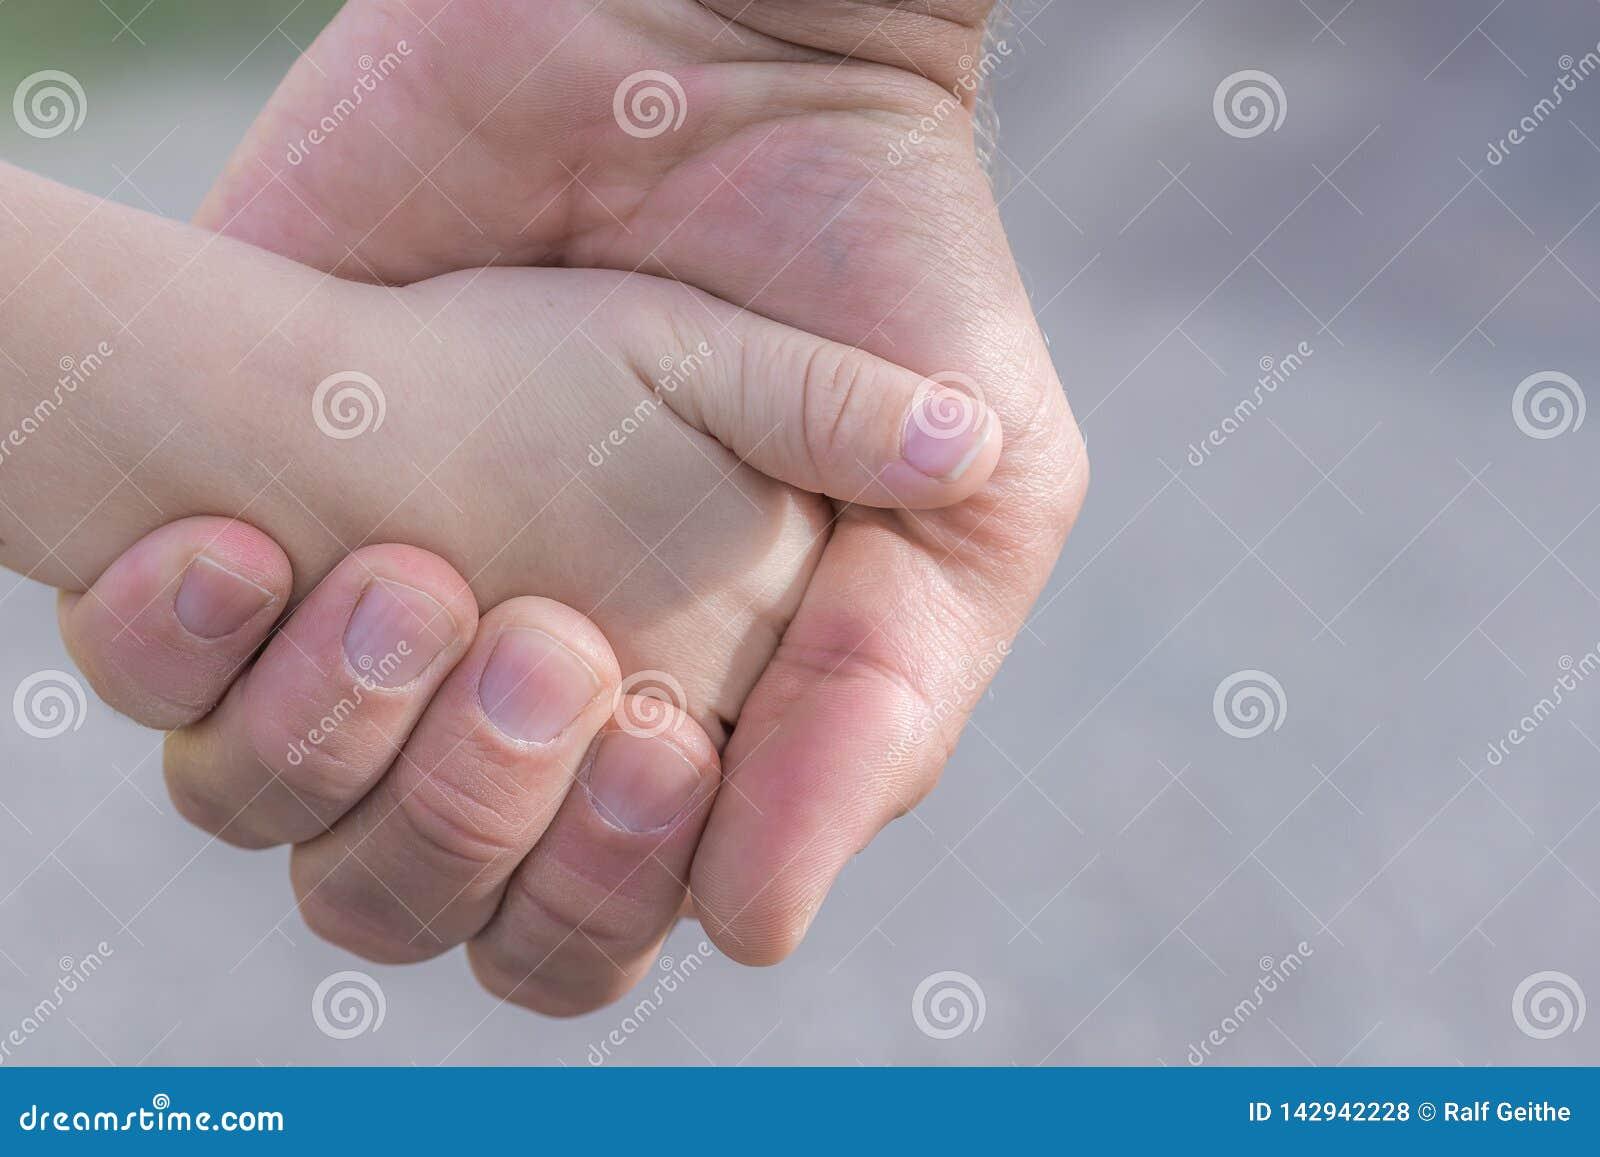 Le père tient la main de son enfant